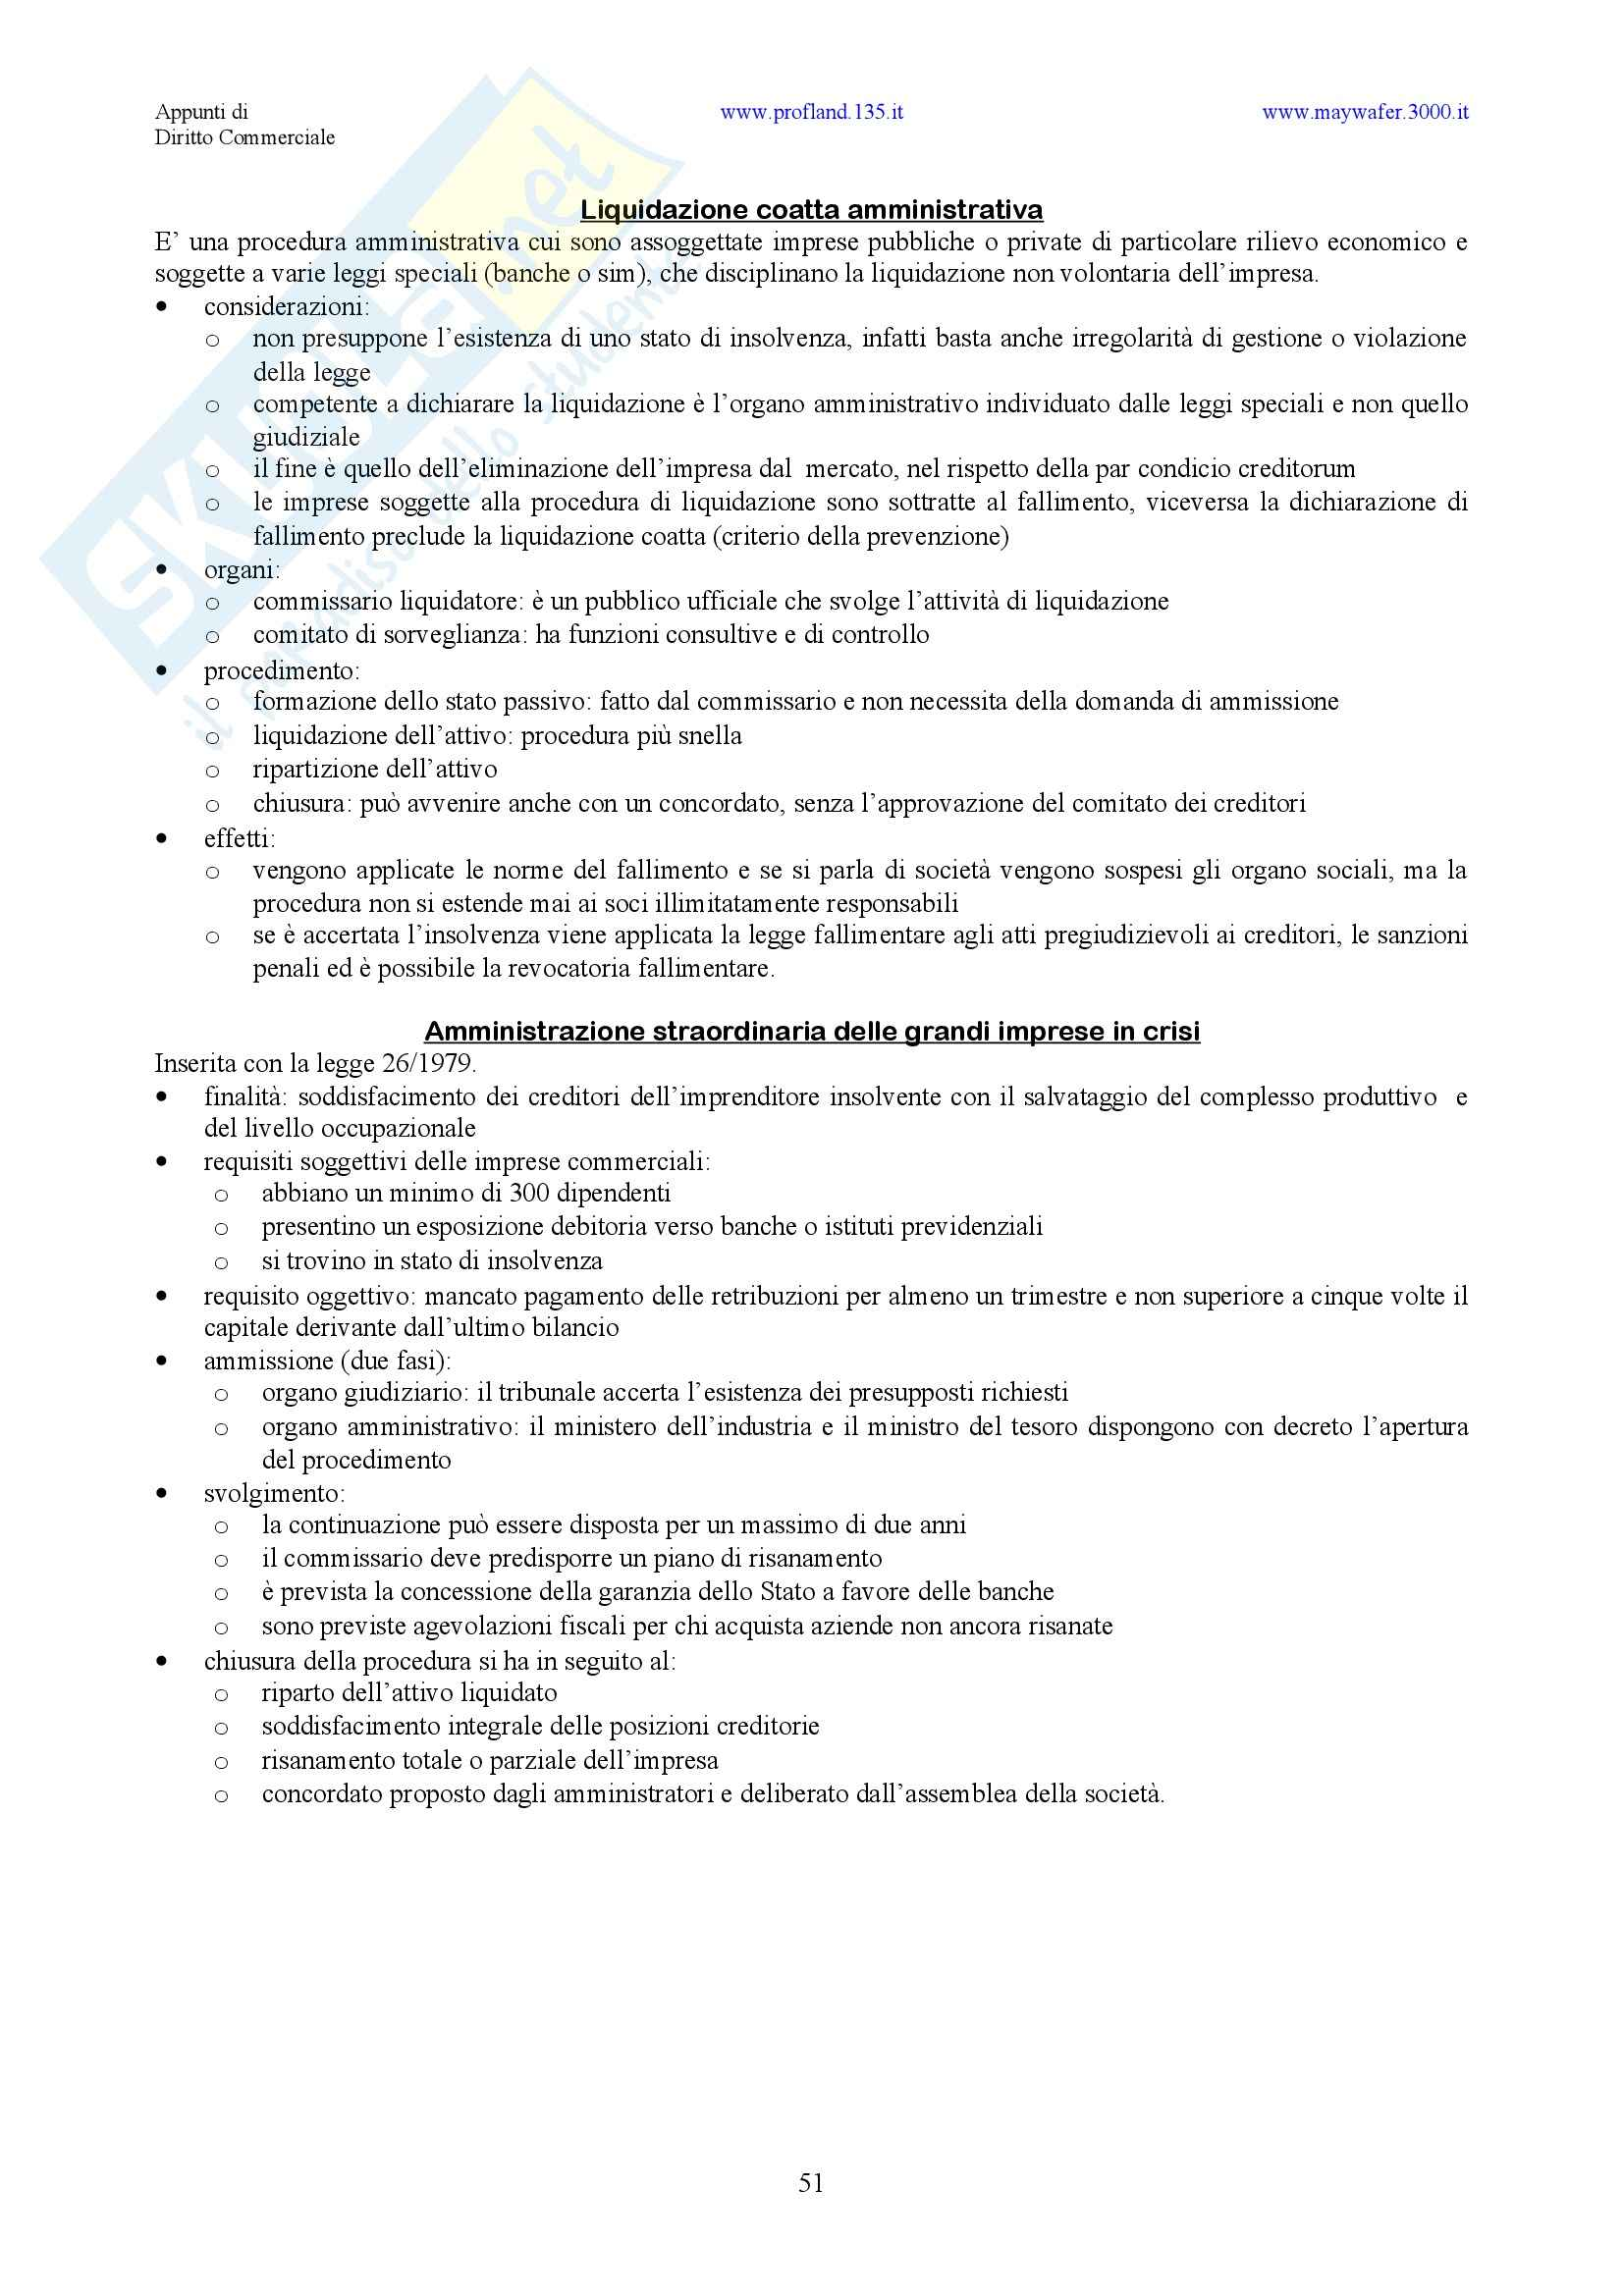 Diritto commerciale - nozioni generali Pag. 51